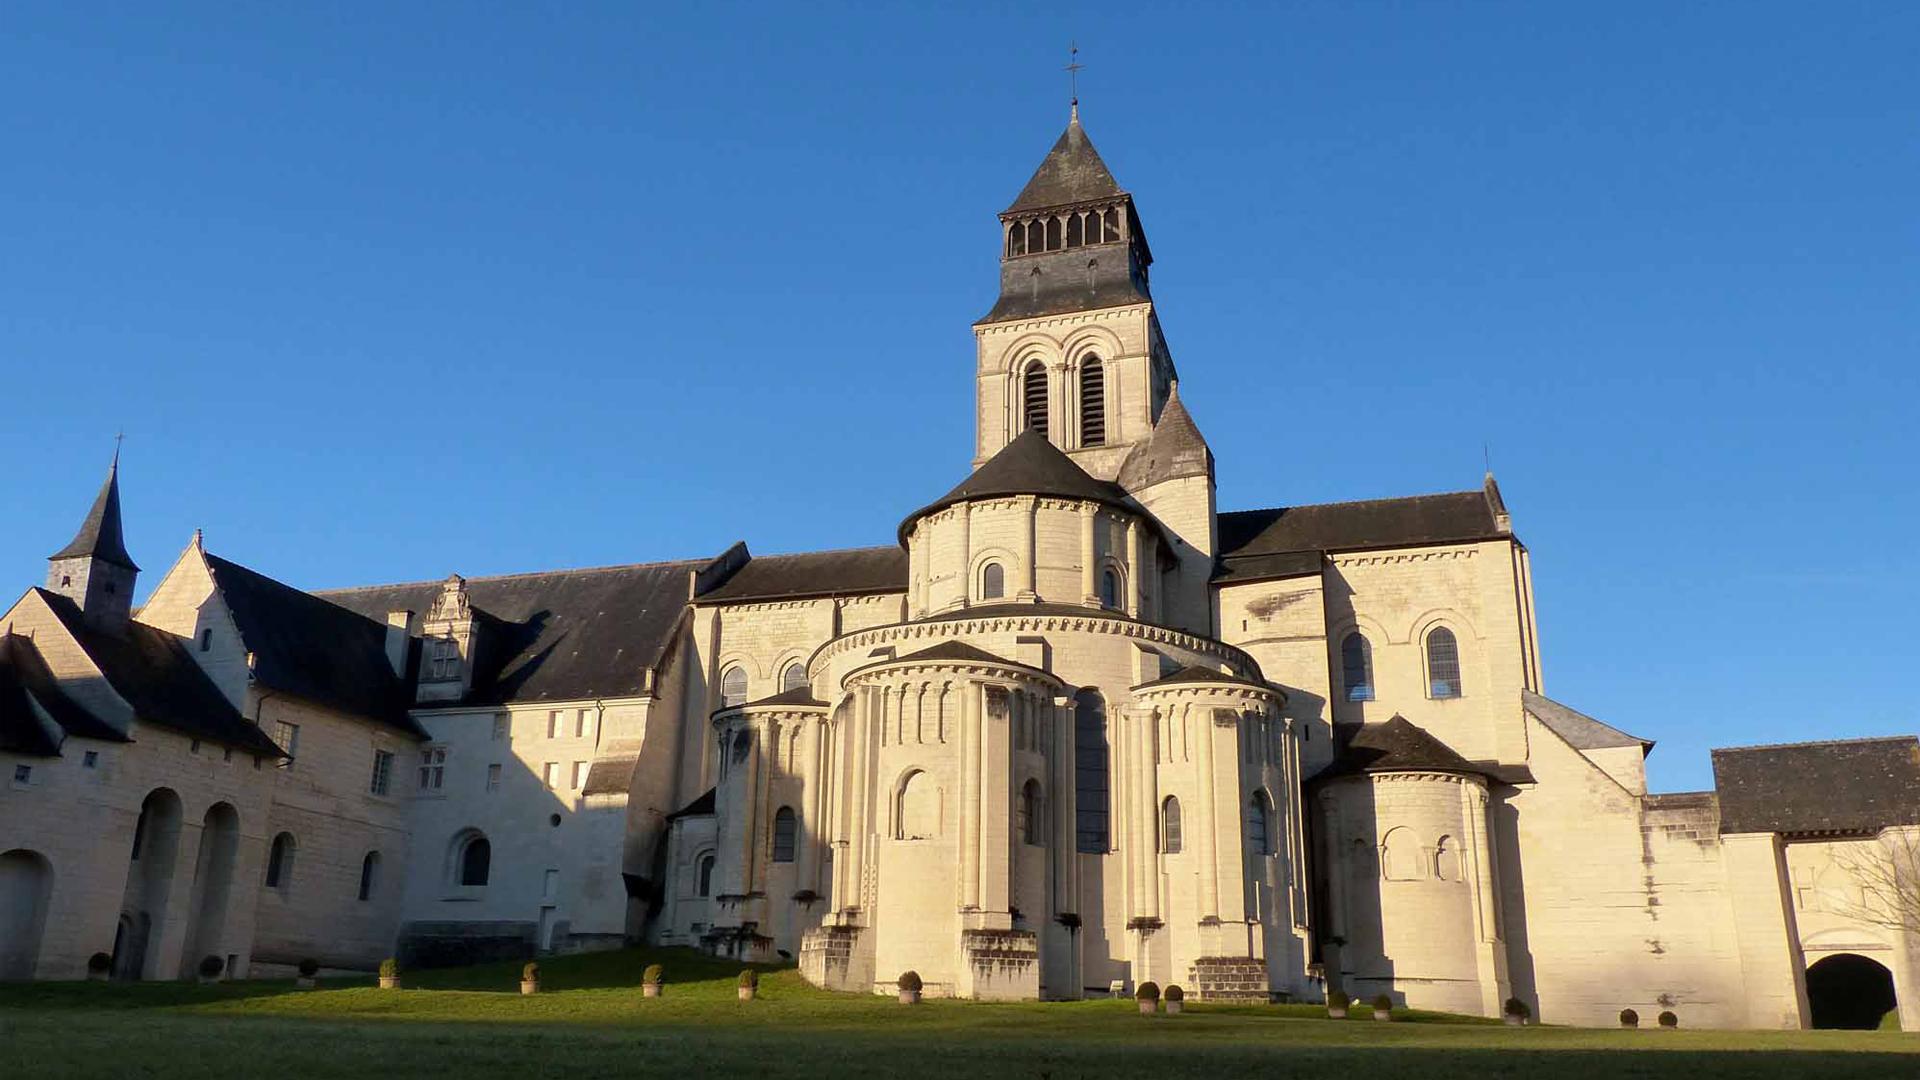 L'ABBAZIA REALE DI FONTEVRAUD, Valle della Loira, una passeggiata in Francia